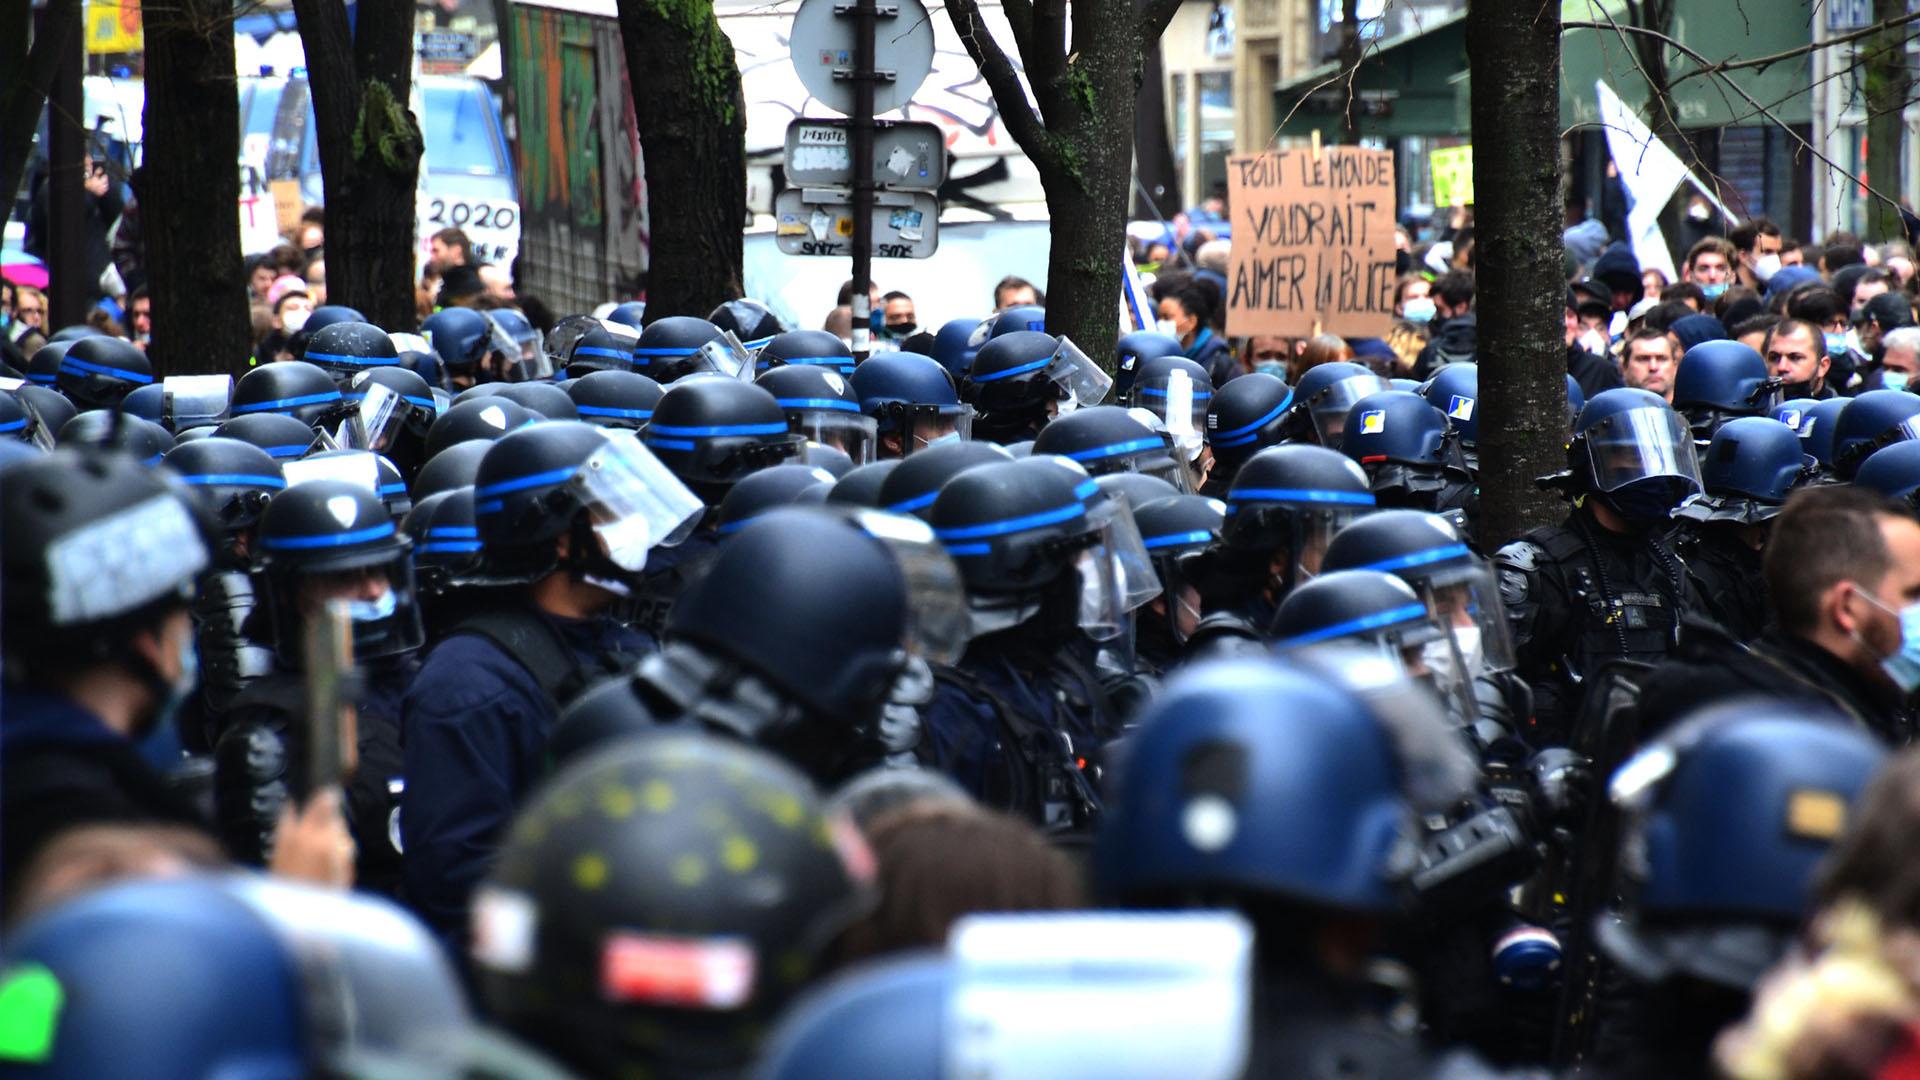 Un rapport conseille de rappeler aux policiers qu'ils n'ont pas le droit d'interdire qu'on les filme